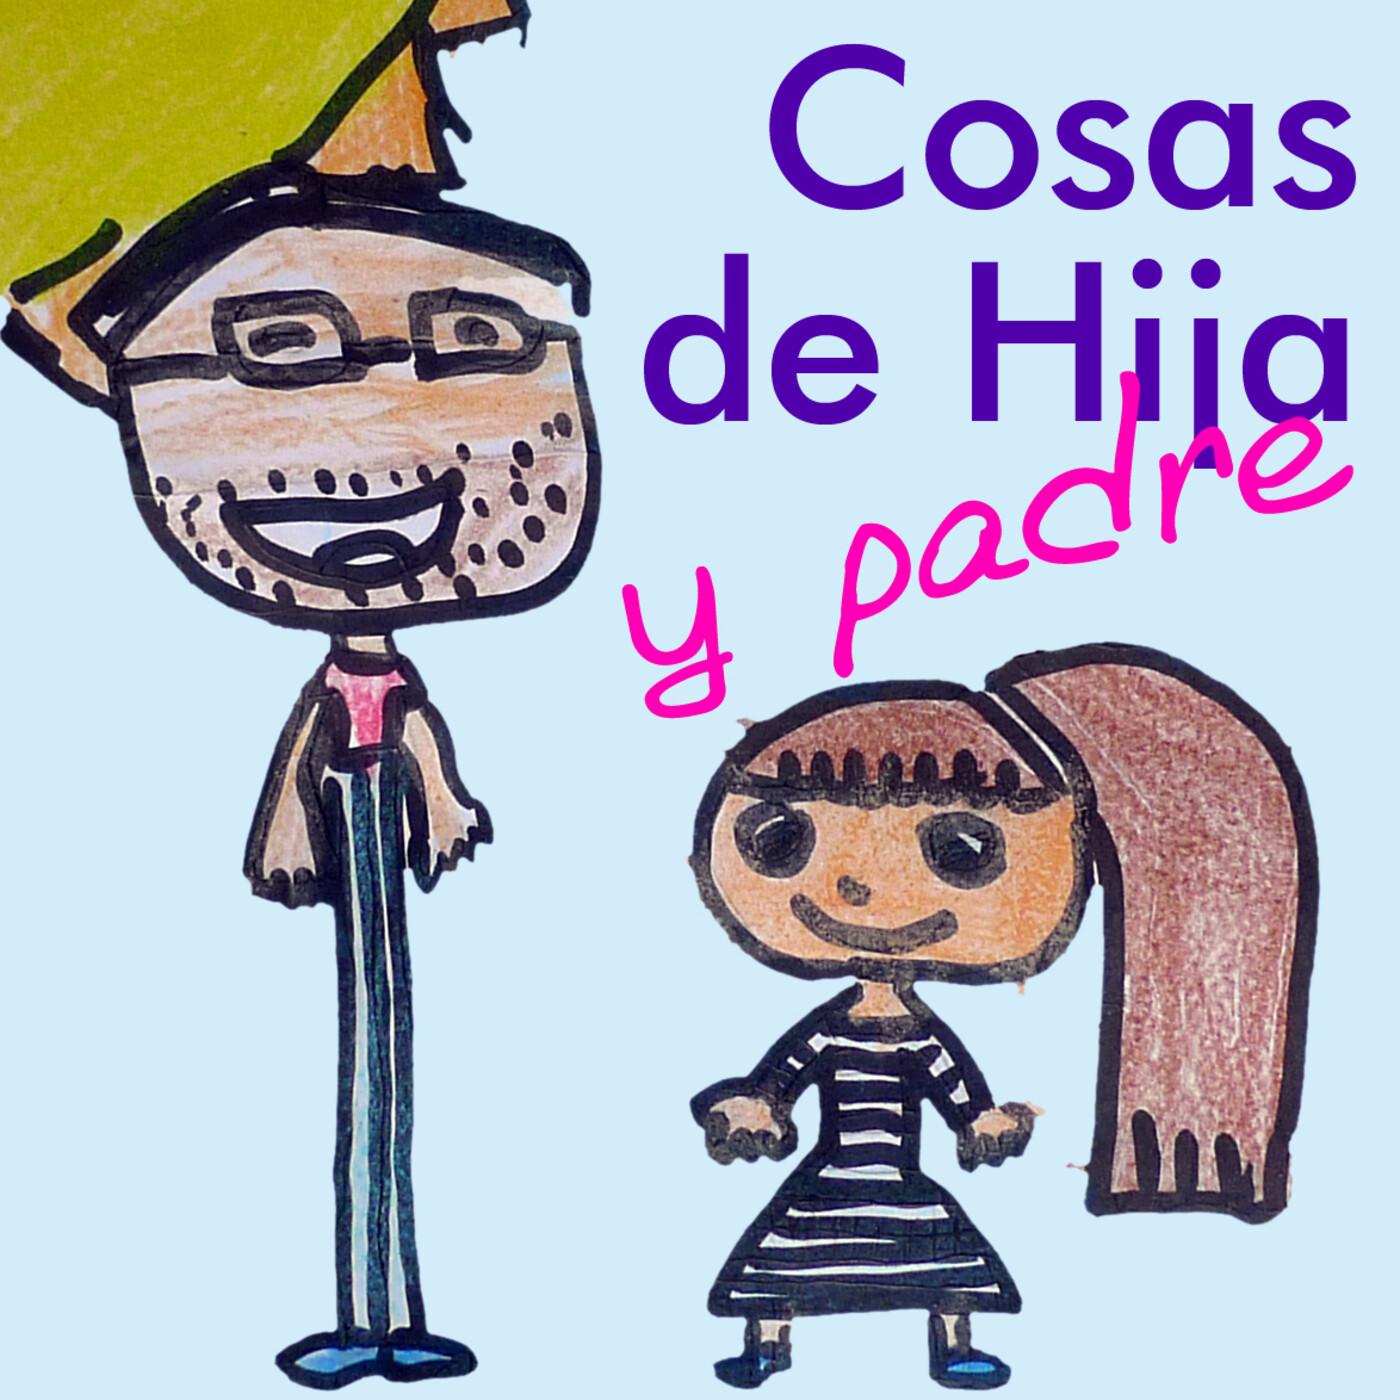 Cosas de Hija y padre 3x01 - Campamentos Coronavirus